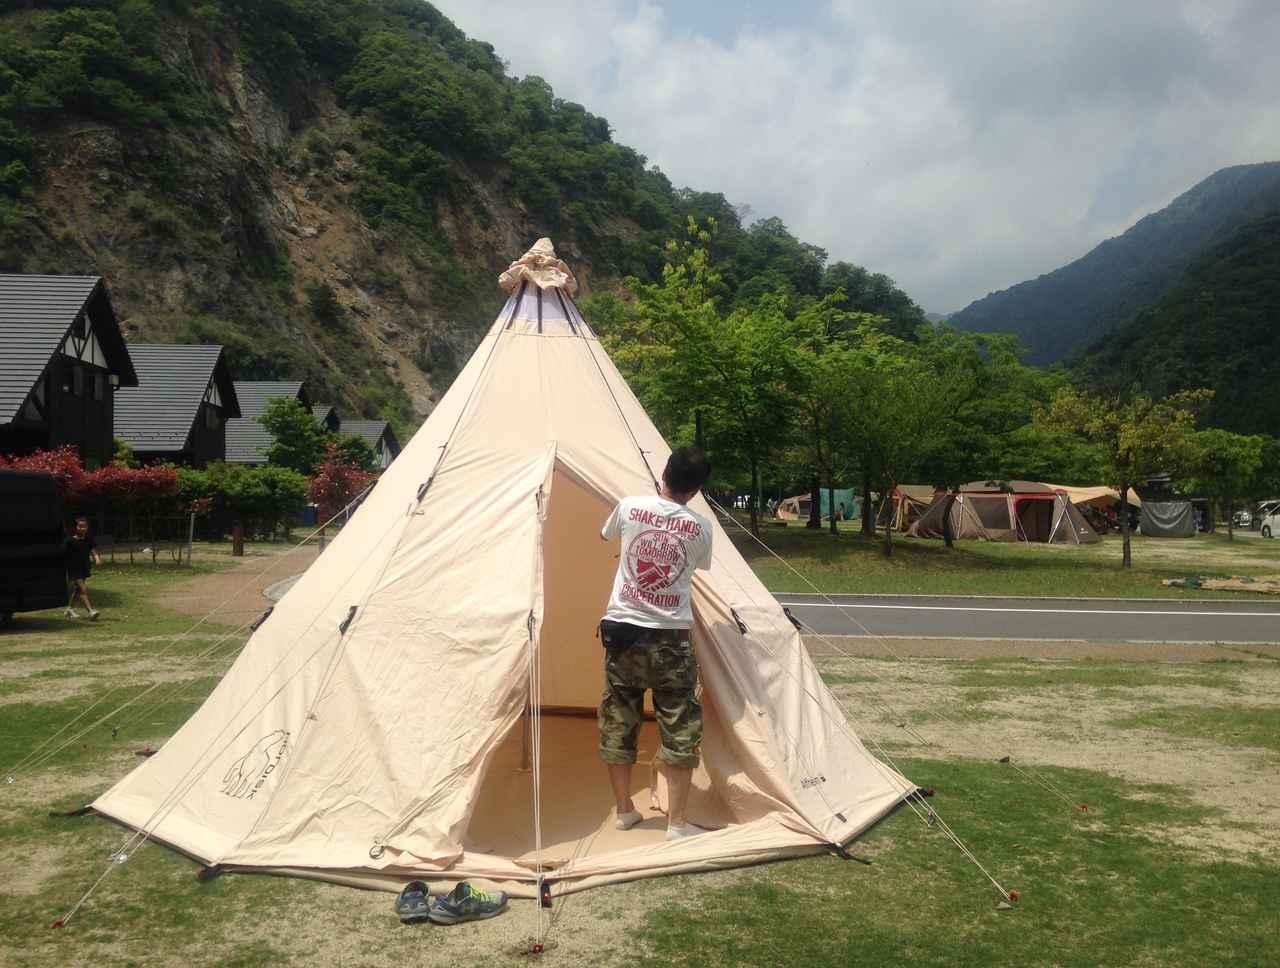 画像: グランドシートの正しい選び方は? テント底面より小さめのサイズを選ぼう! 耐水圧のチェックも忘れずに!